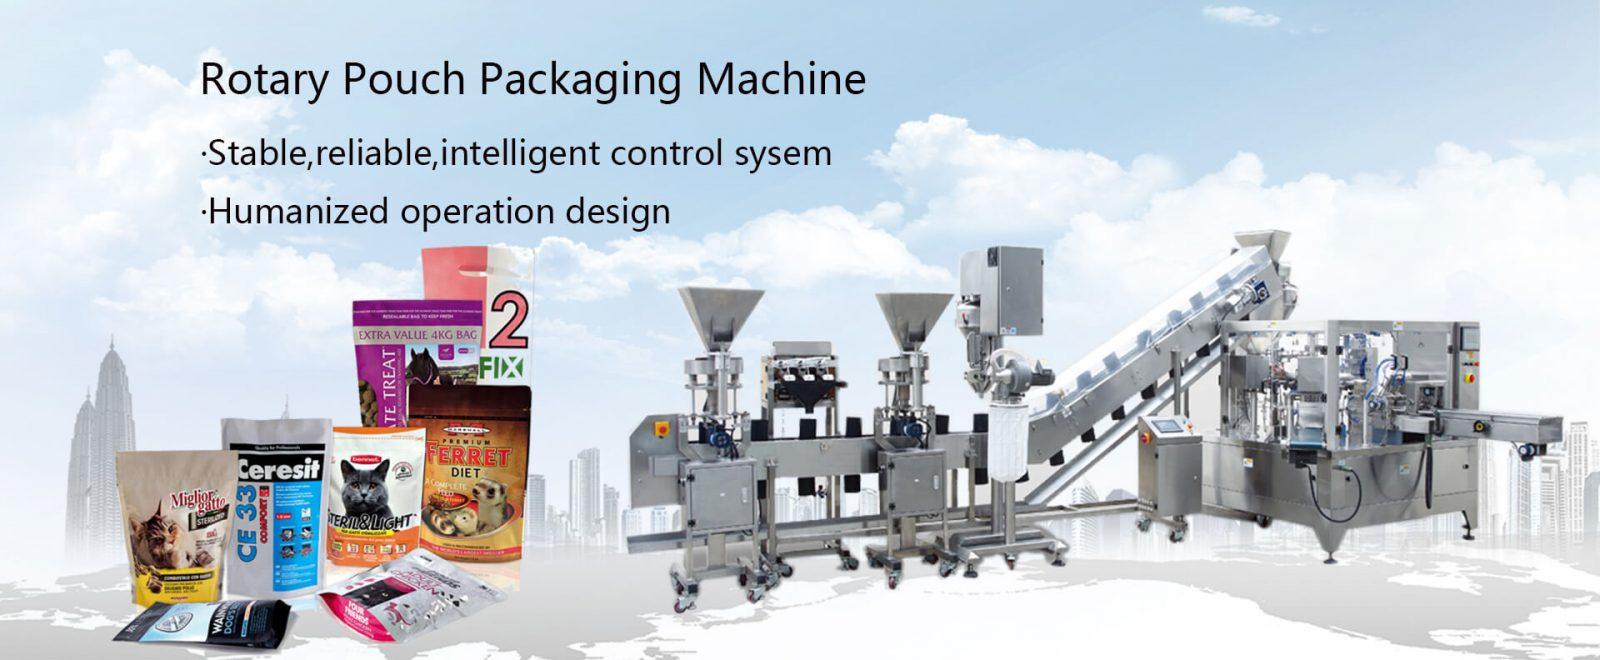 Rotary Beutelverpackungsmaschine